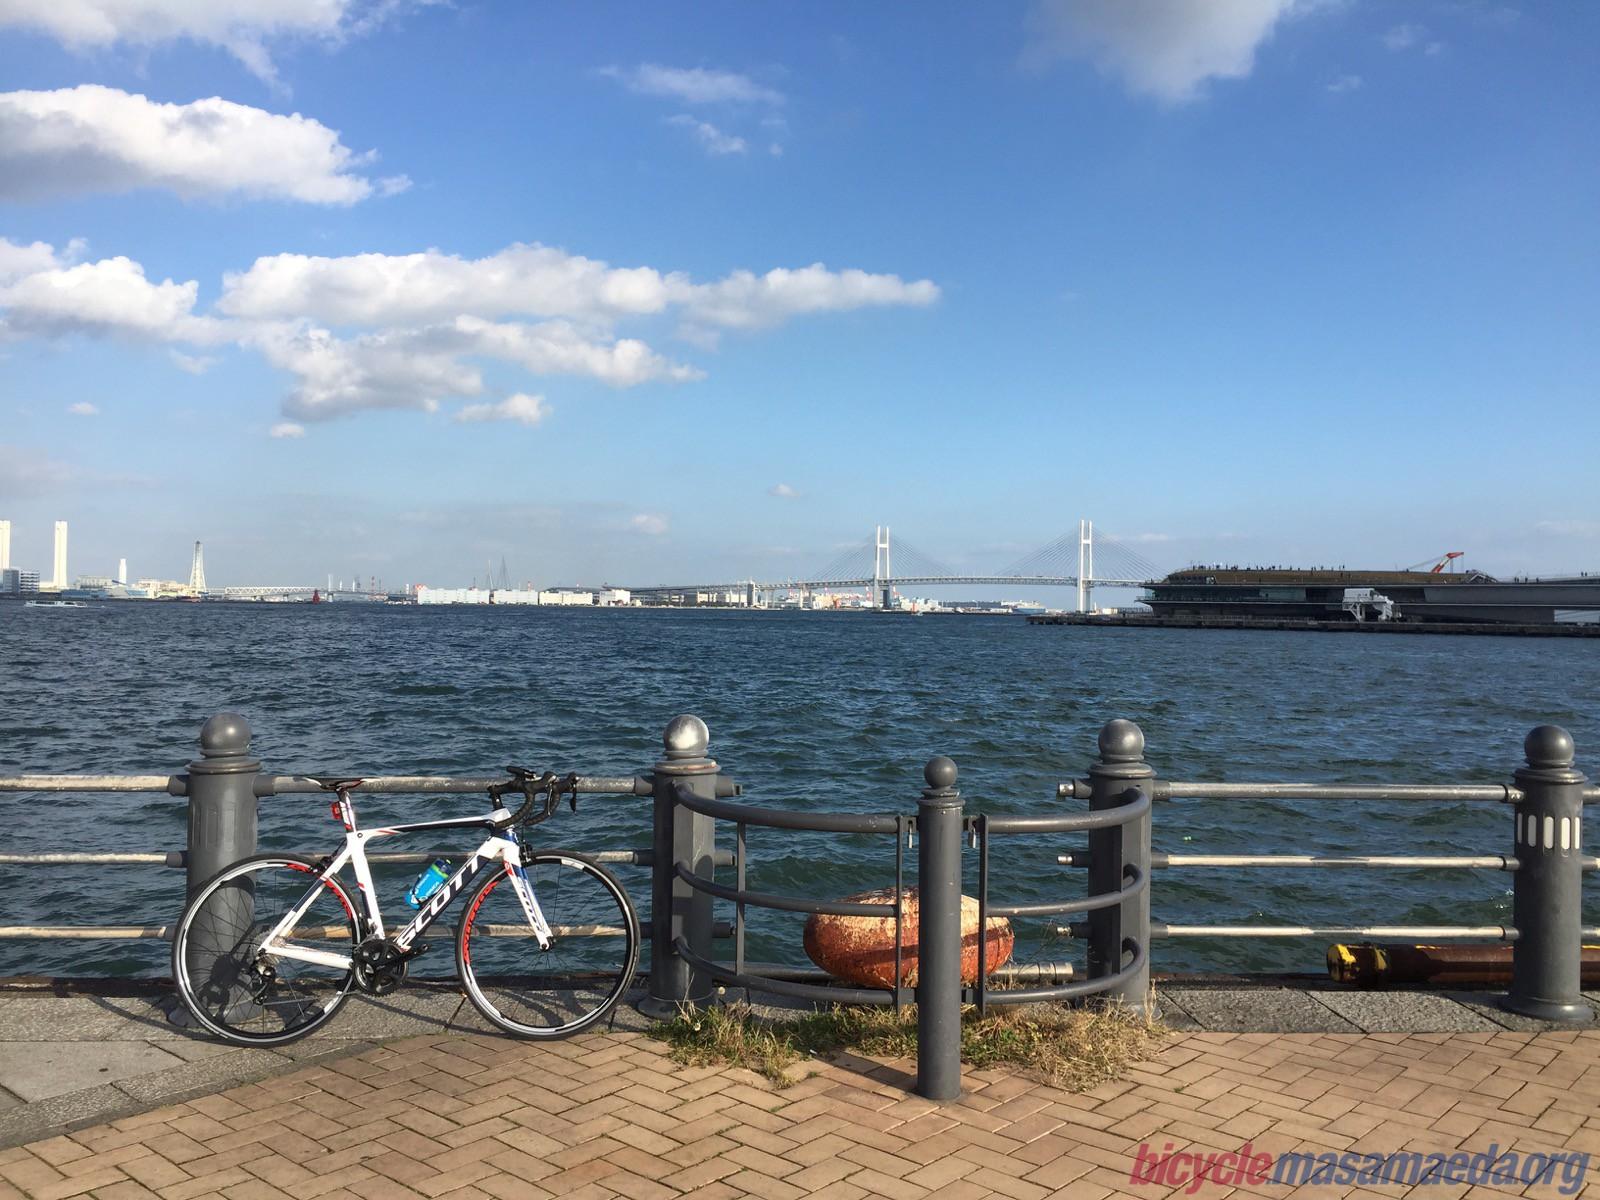 横浜ベイブリッジと大さん橋